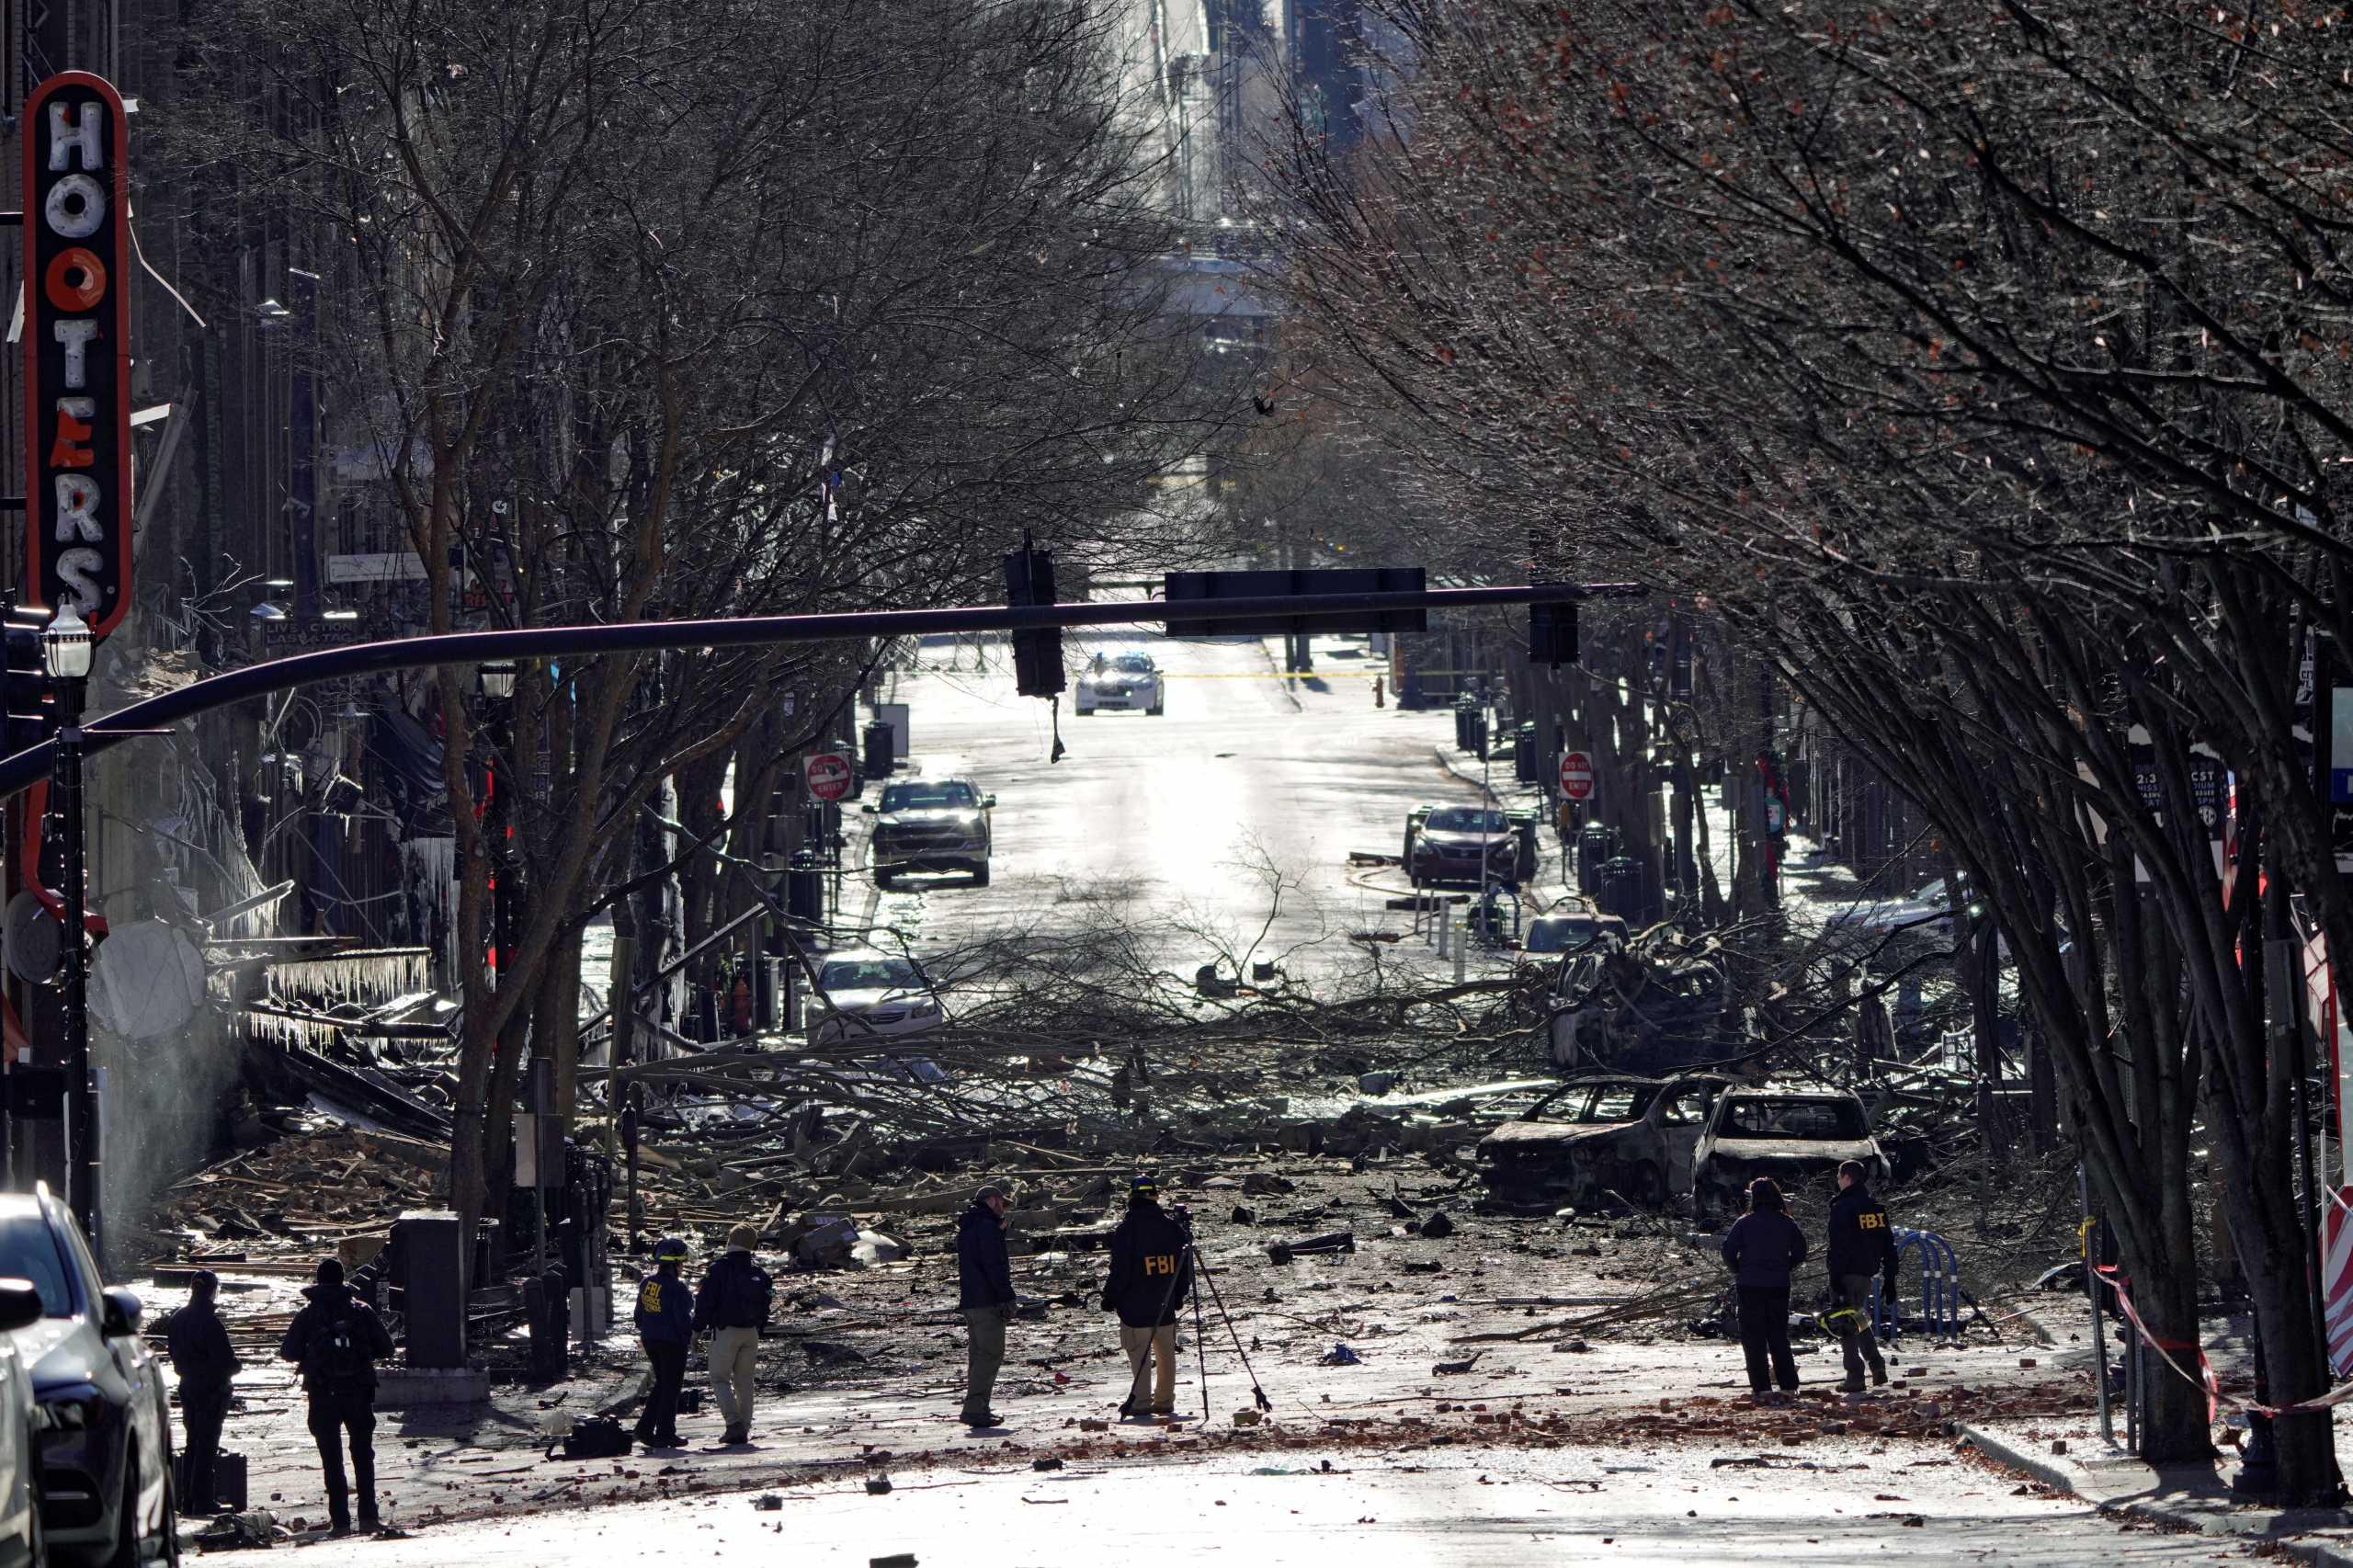 Μυστήριο παραμένει η τρομοκρατική επίθεση στο Νάσβιλ (video)